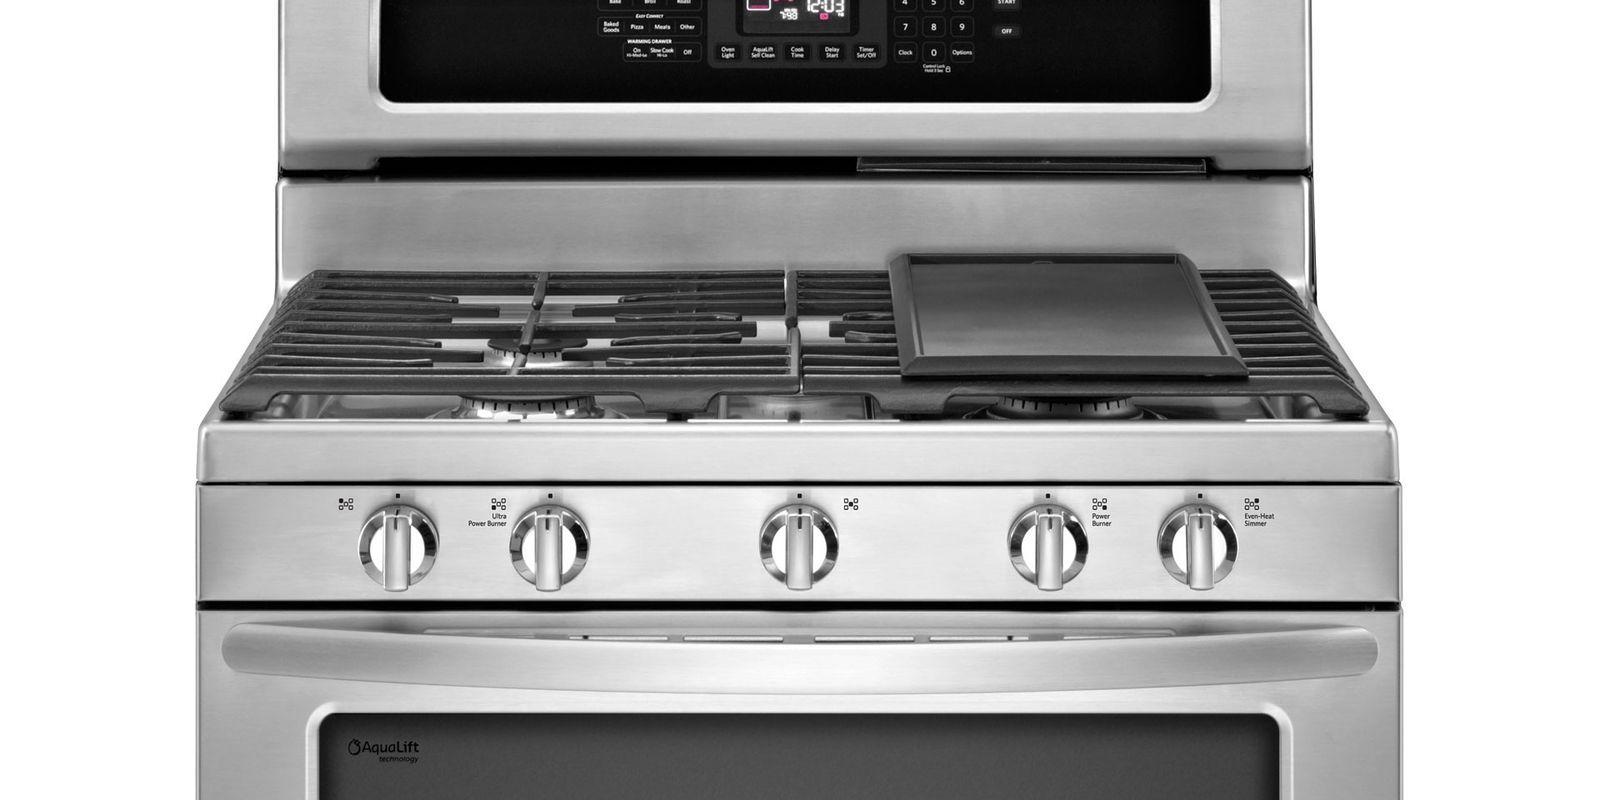 kitchenaid gas range model kgrs308bss0 review rh goodhousekeeping com kitchenaid gas range troubleshooting kitchenaid gas ranges 30 inch